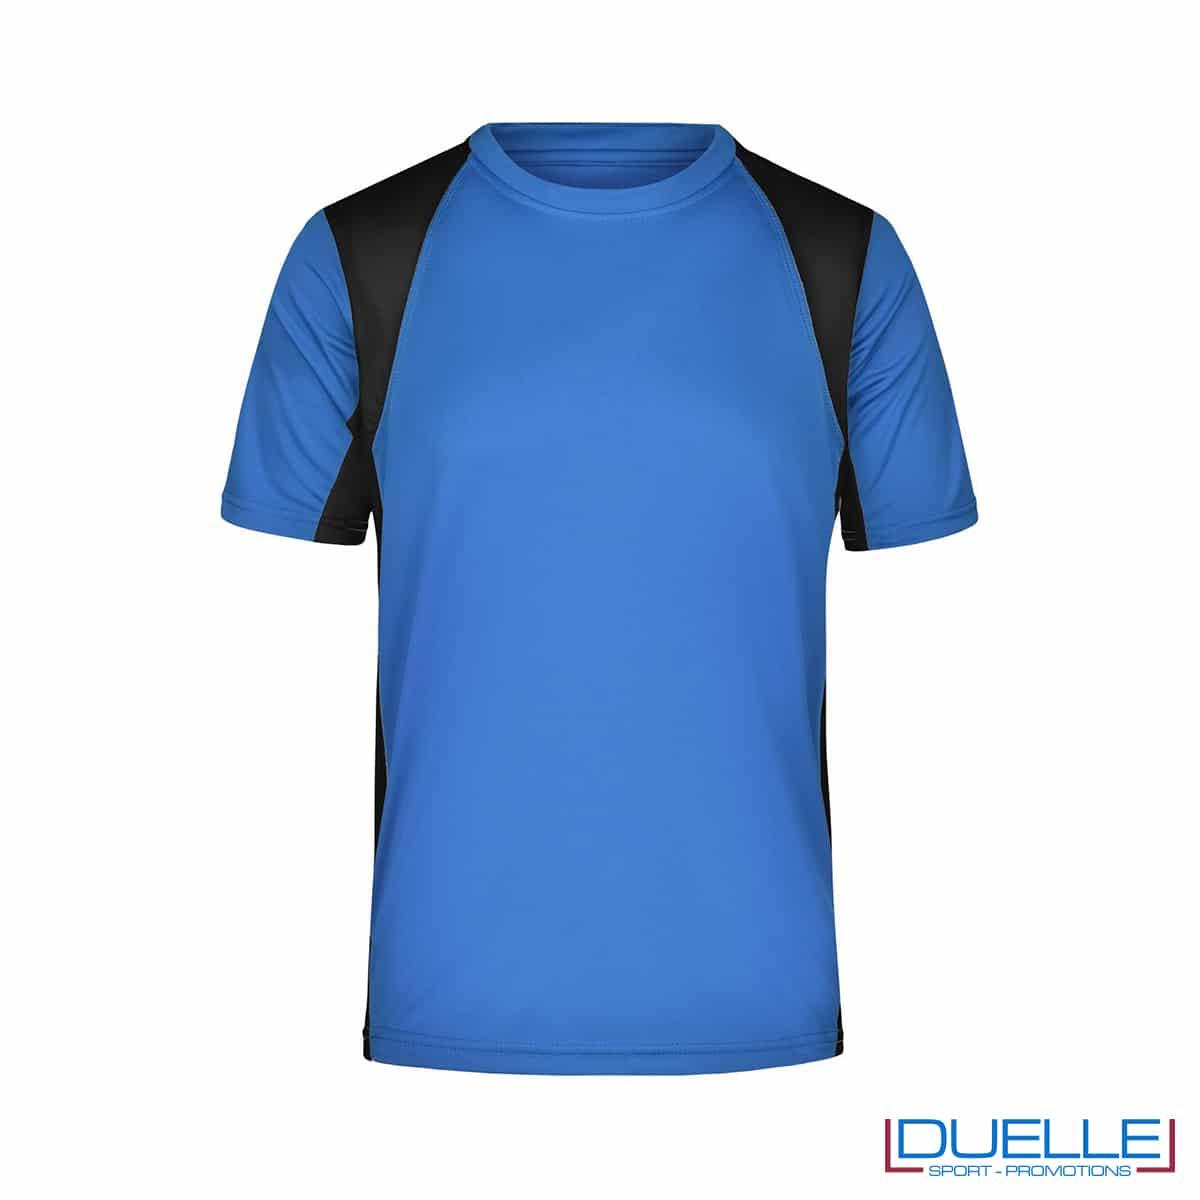 T-shirt running uomo personalizzata colore blu royal-nero